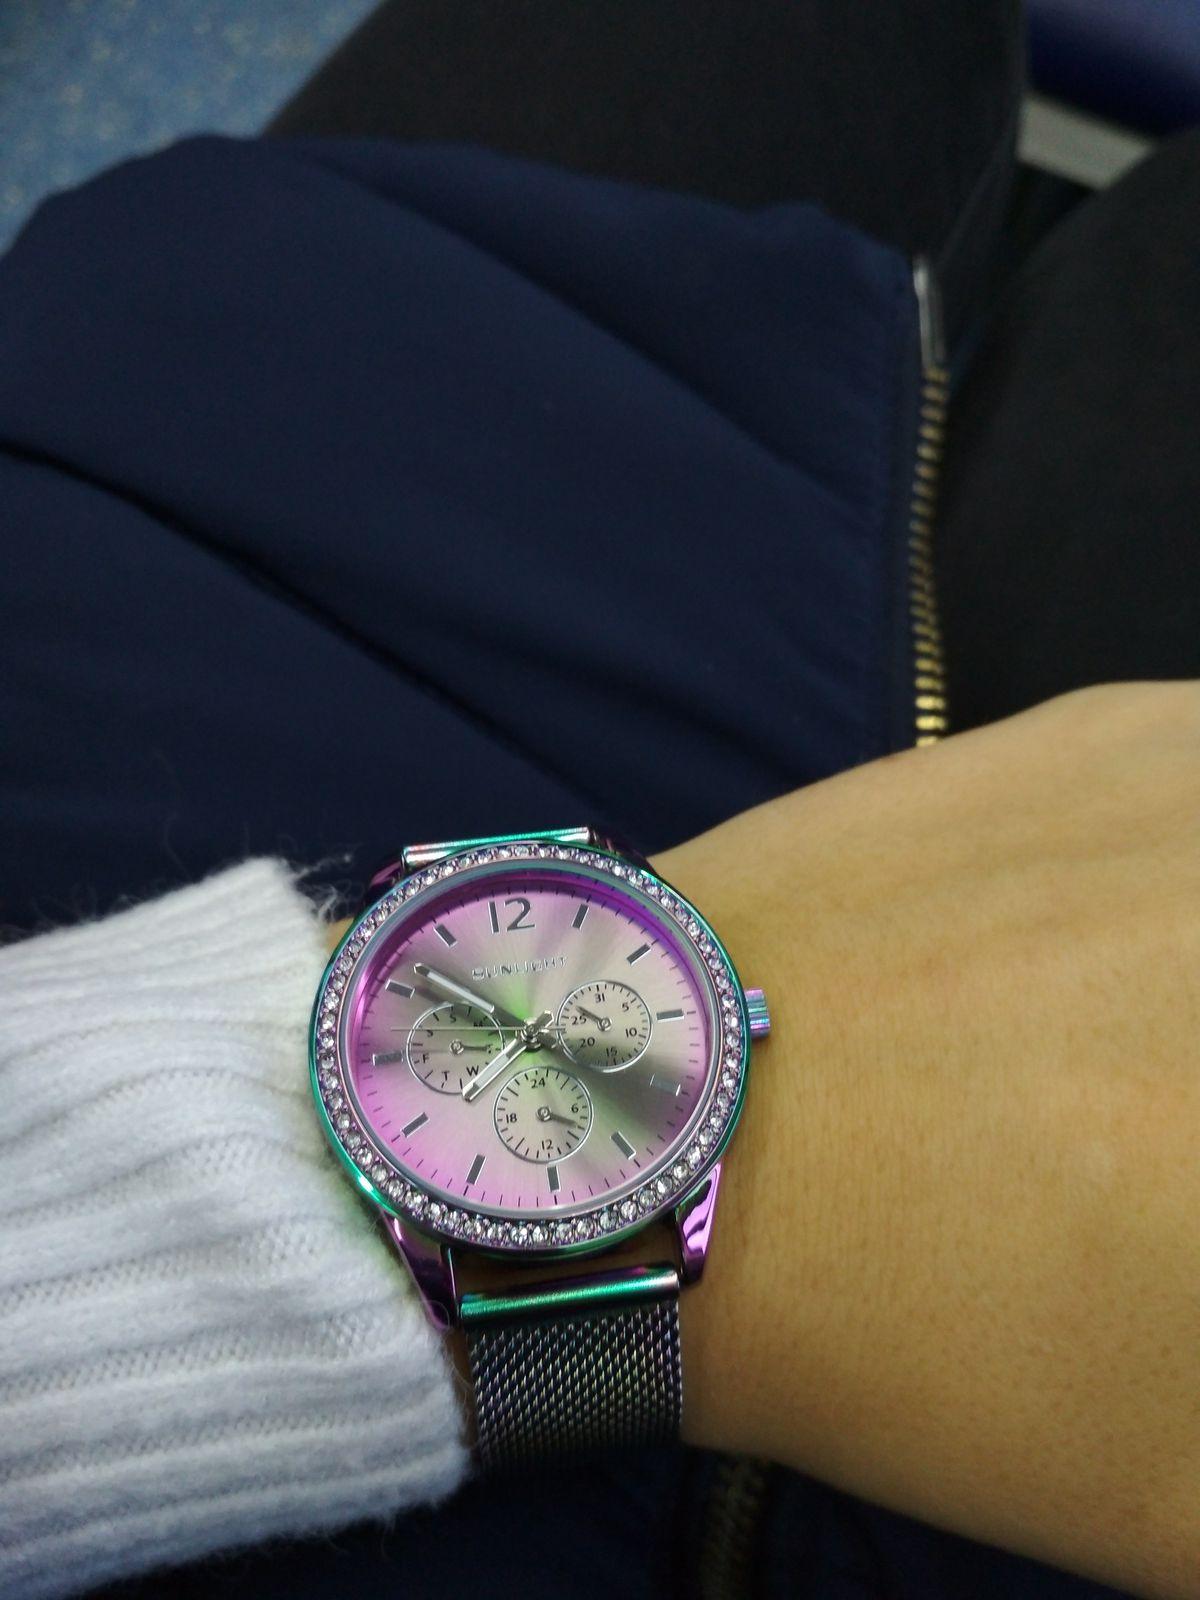 Красивые оригинальные часы, качество хорошее. Цена приемлемая